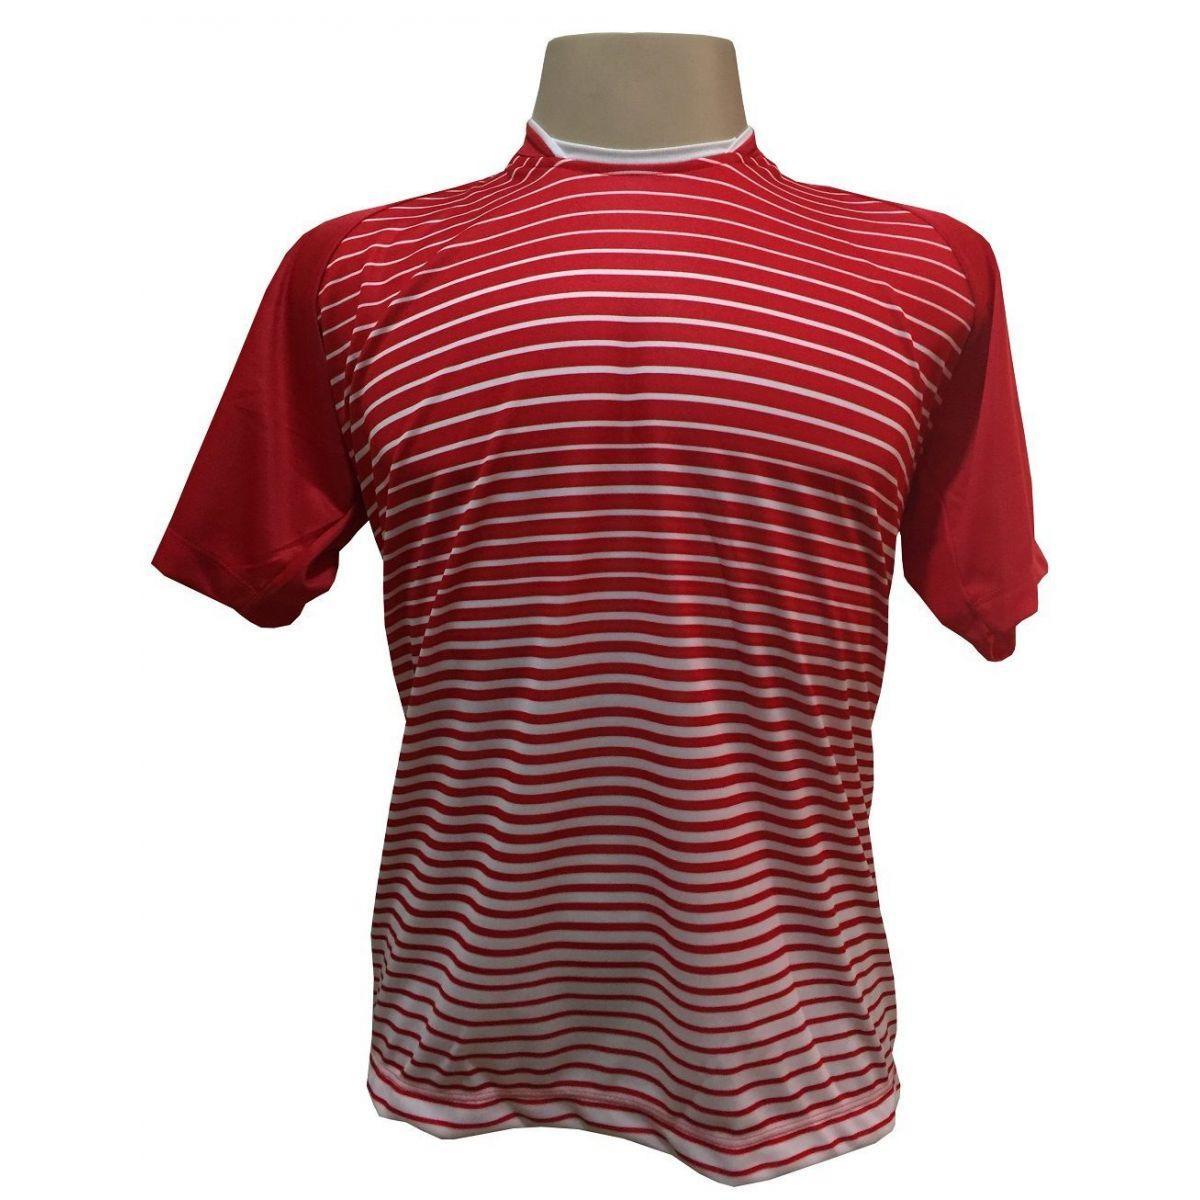 Uniforme Esportivo com 18 camisas modelo City Vermelho/Branco + 18 calções modelo Madrid Branco + Brindes